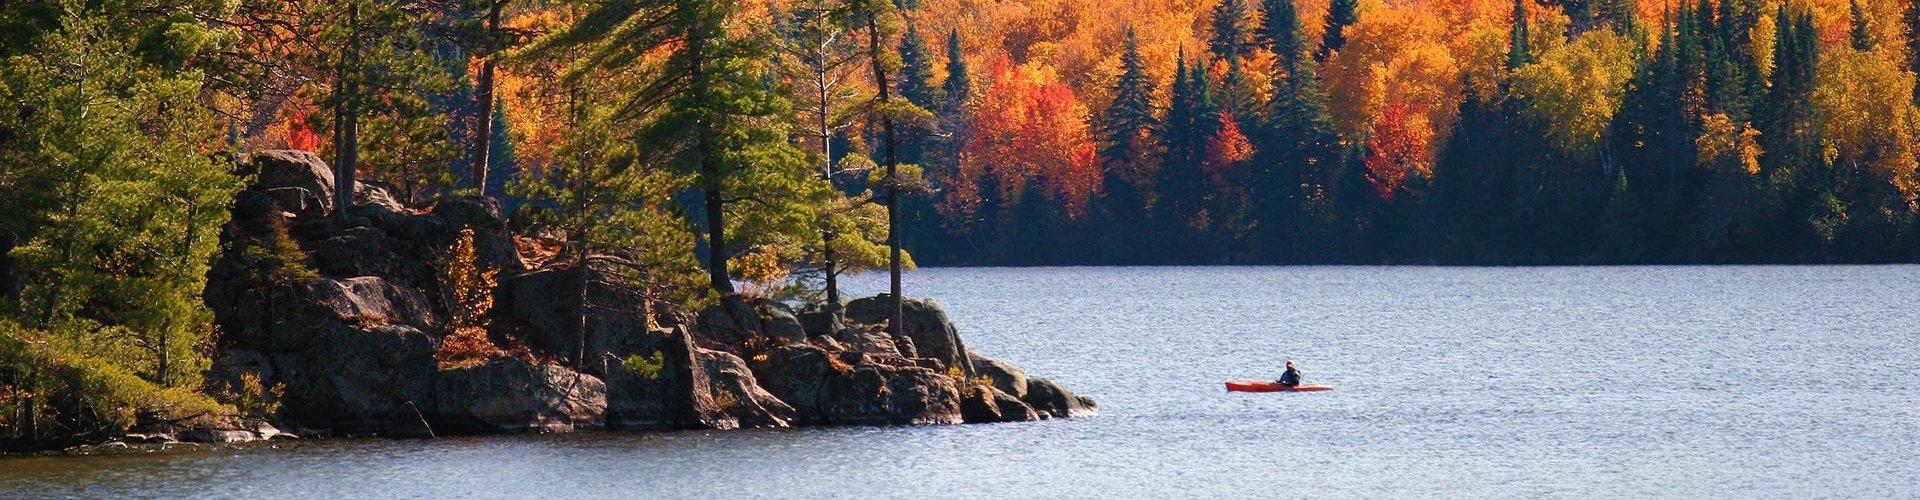 Herbst in Kanada - bunte Blätter